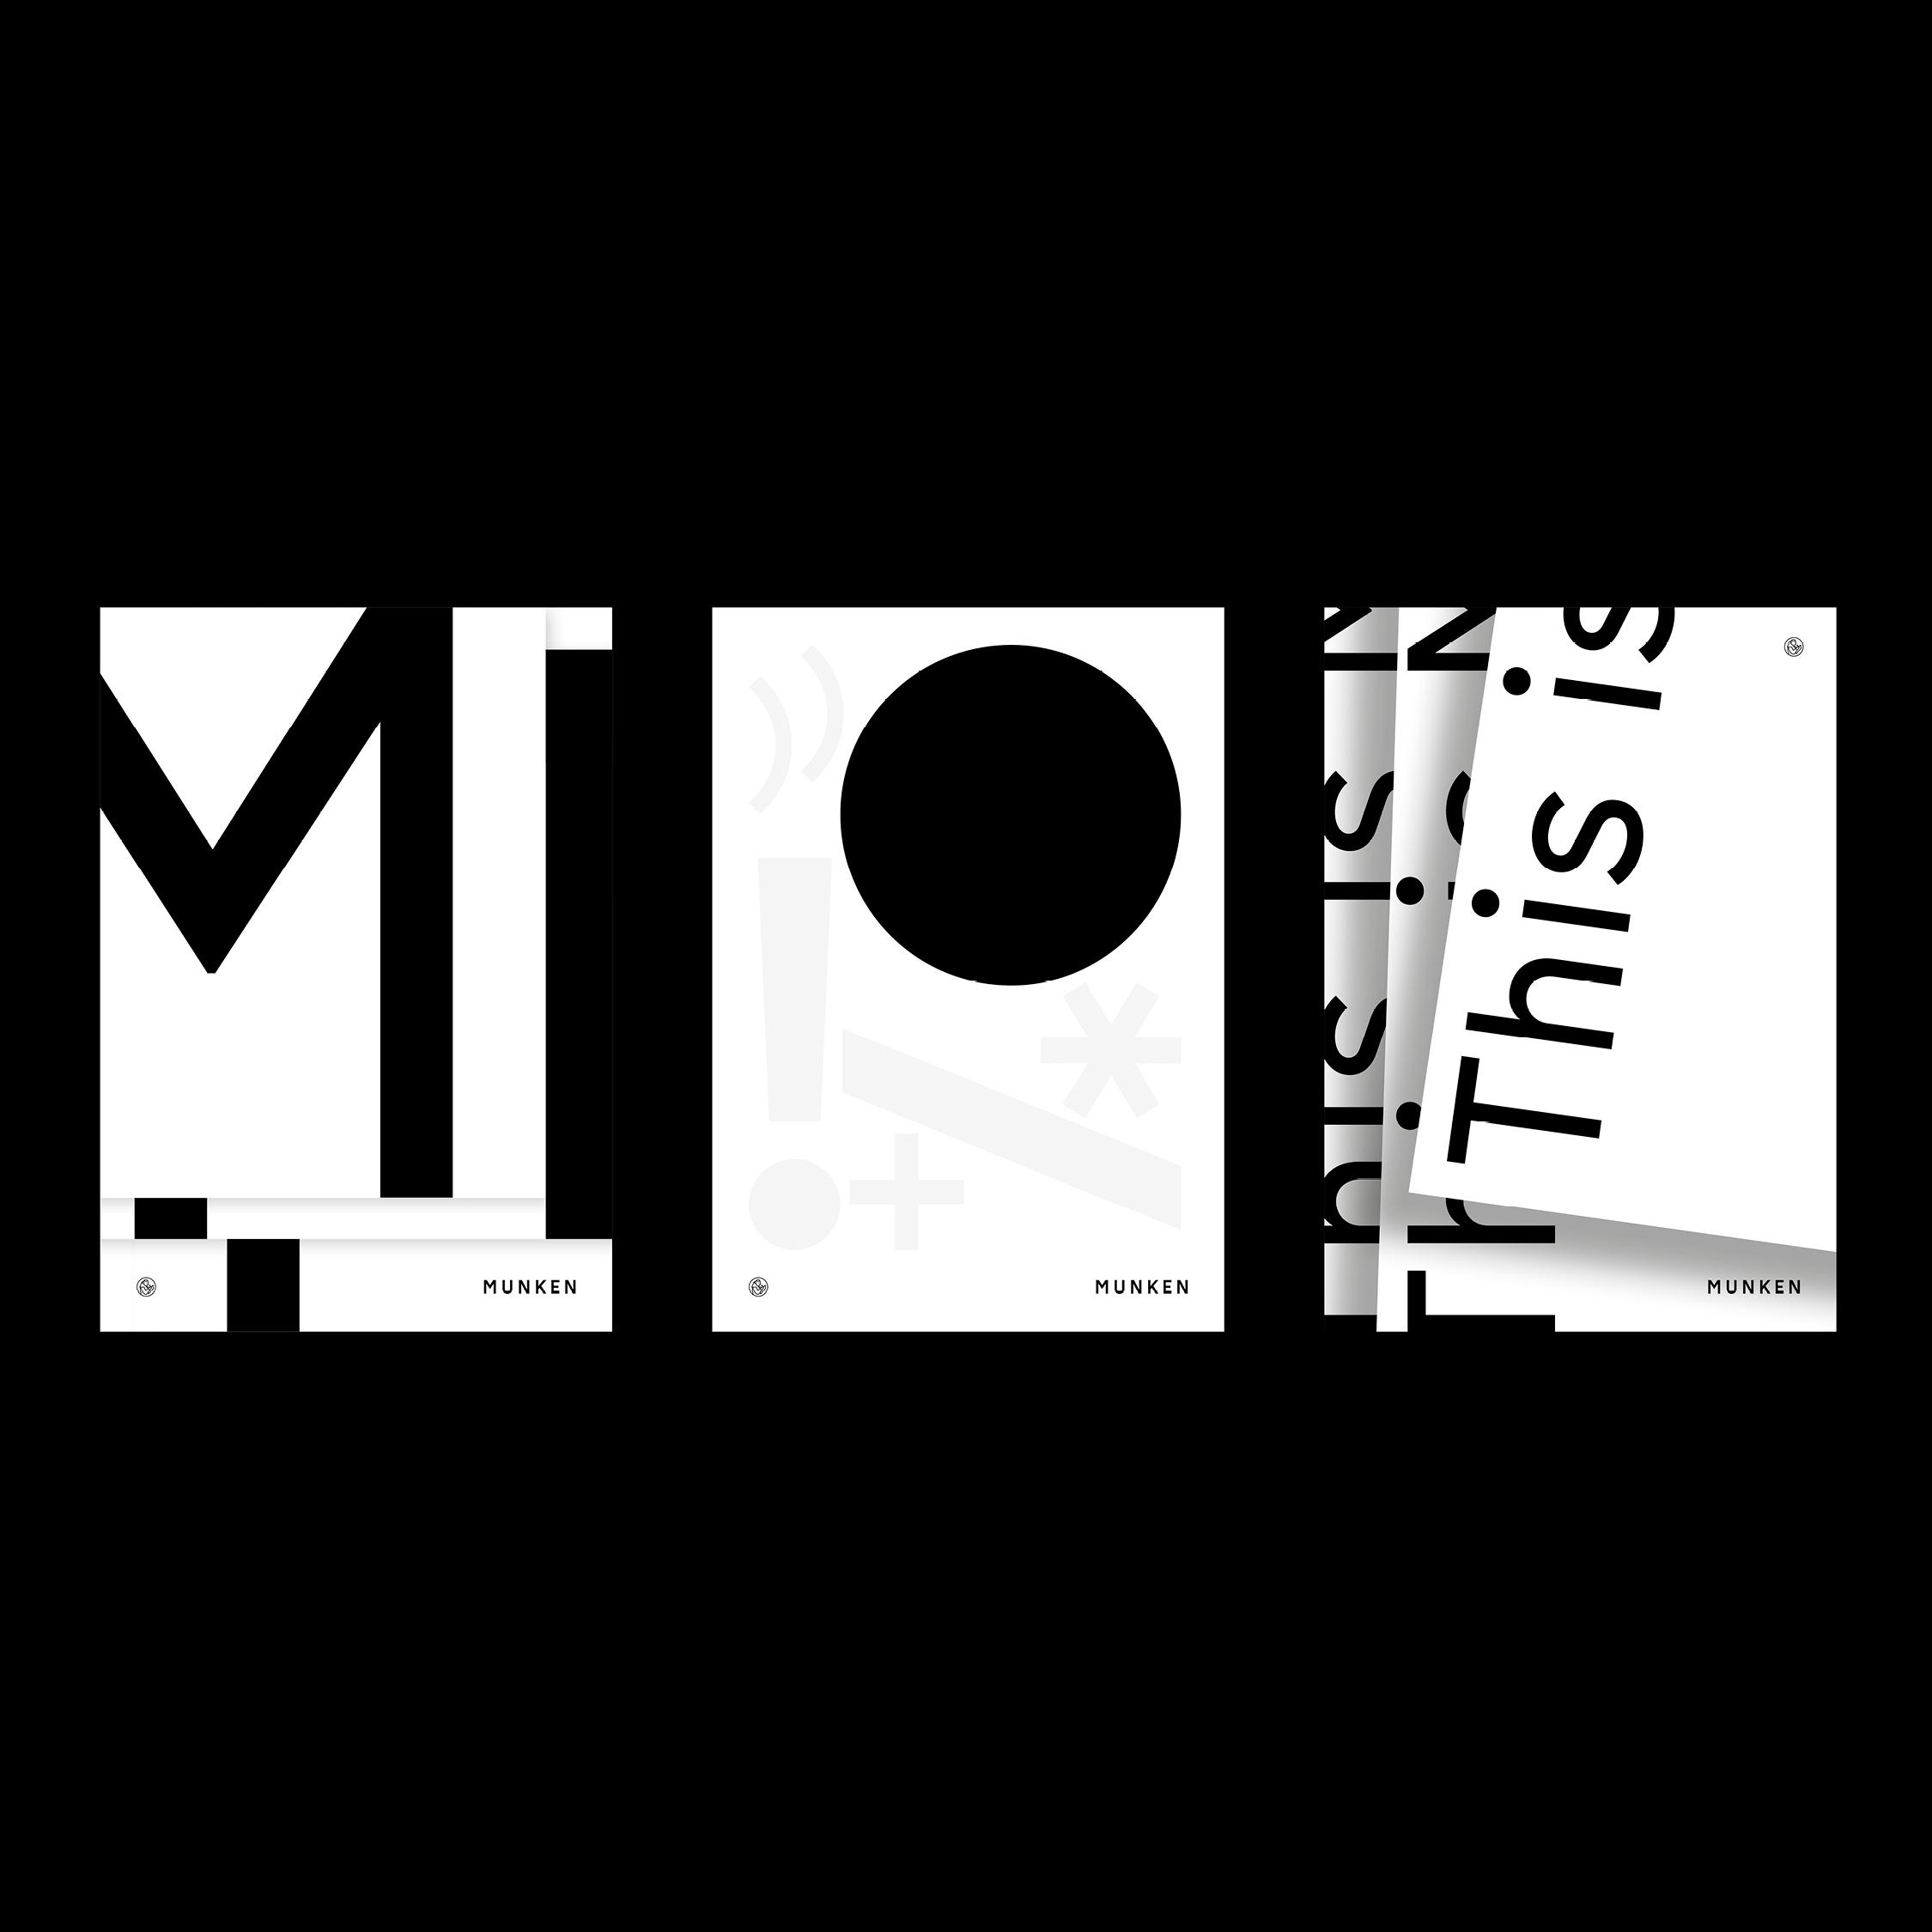 Munken_Rebranding_poster_2